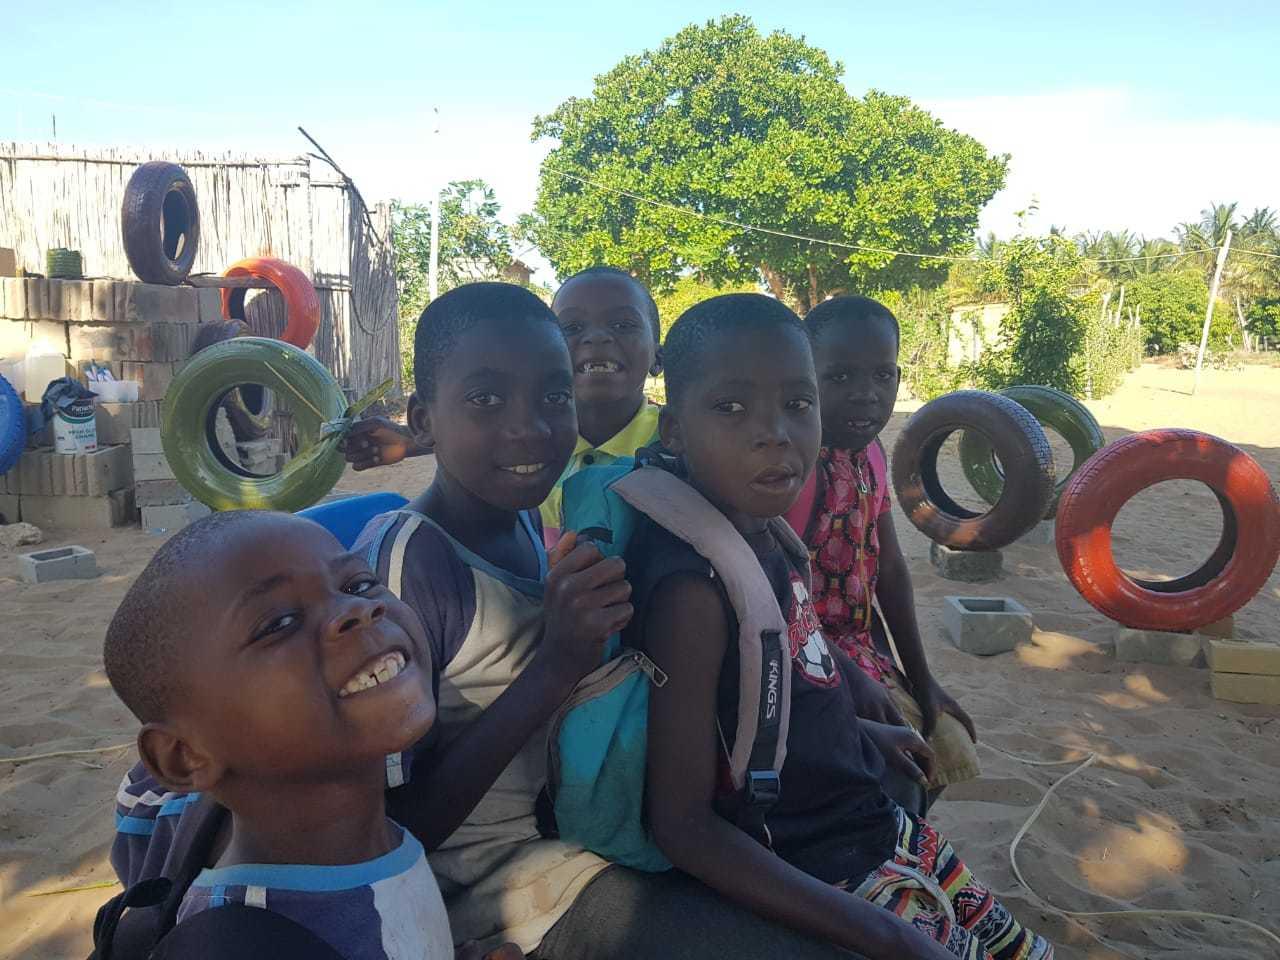 As crianças moçambicanas que são assistidas pelo Projeto Amigos de Moçambique. (Foto: Projeto Amigos de Moçambique)